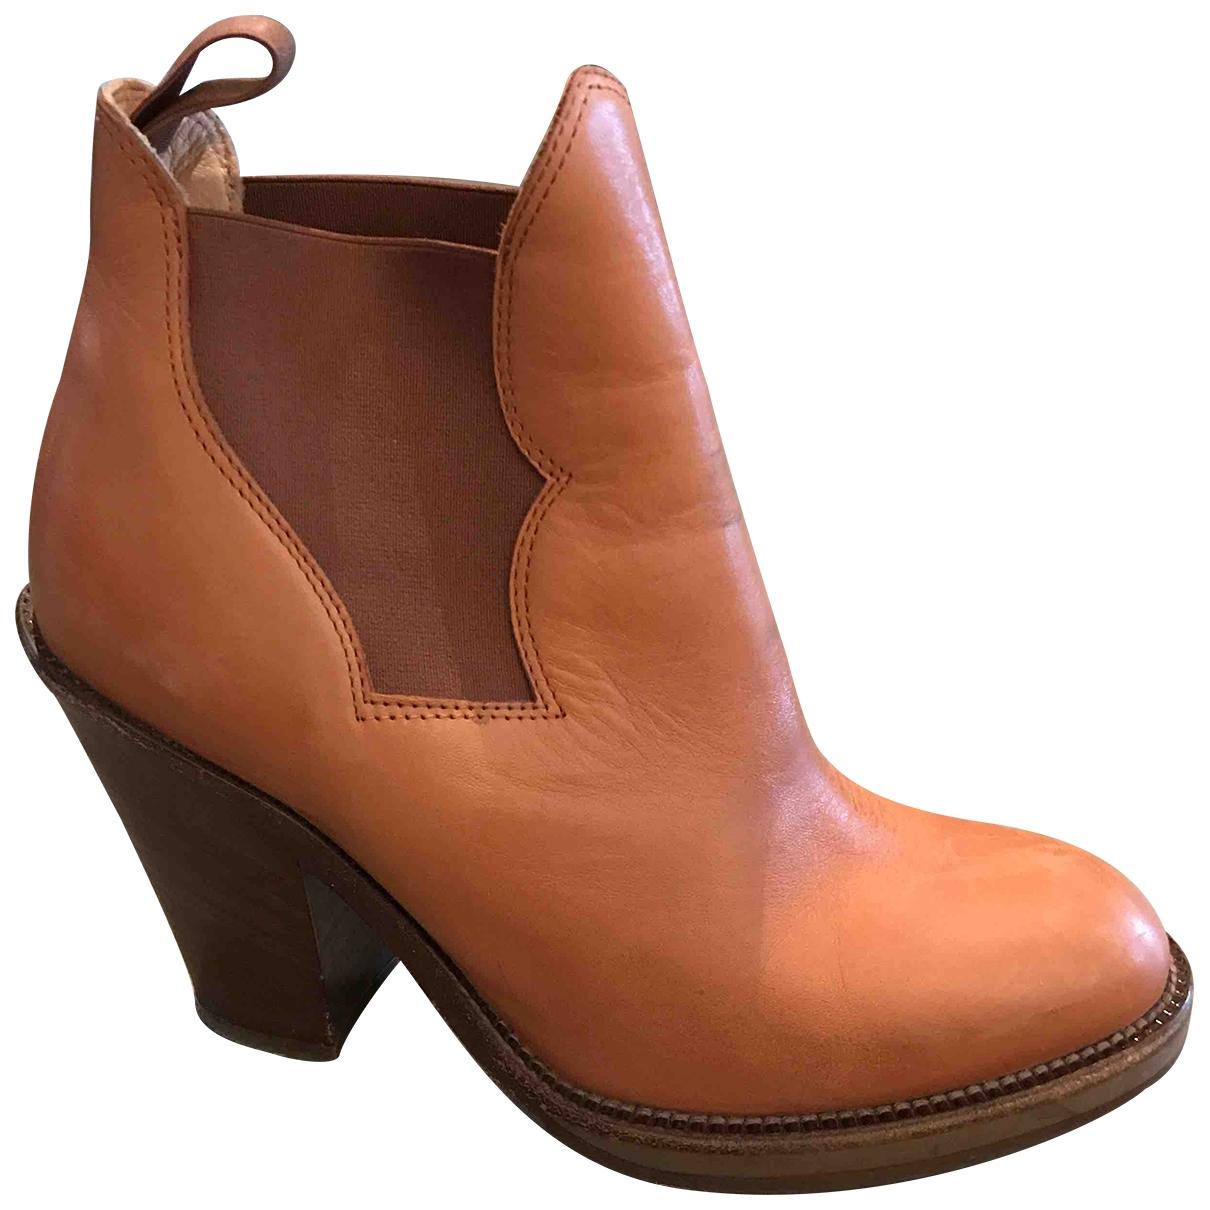 Acne Studios - Boots Star pour femme en cuir - camel